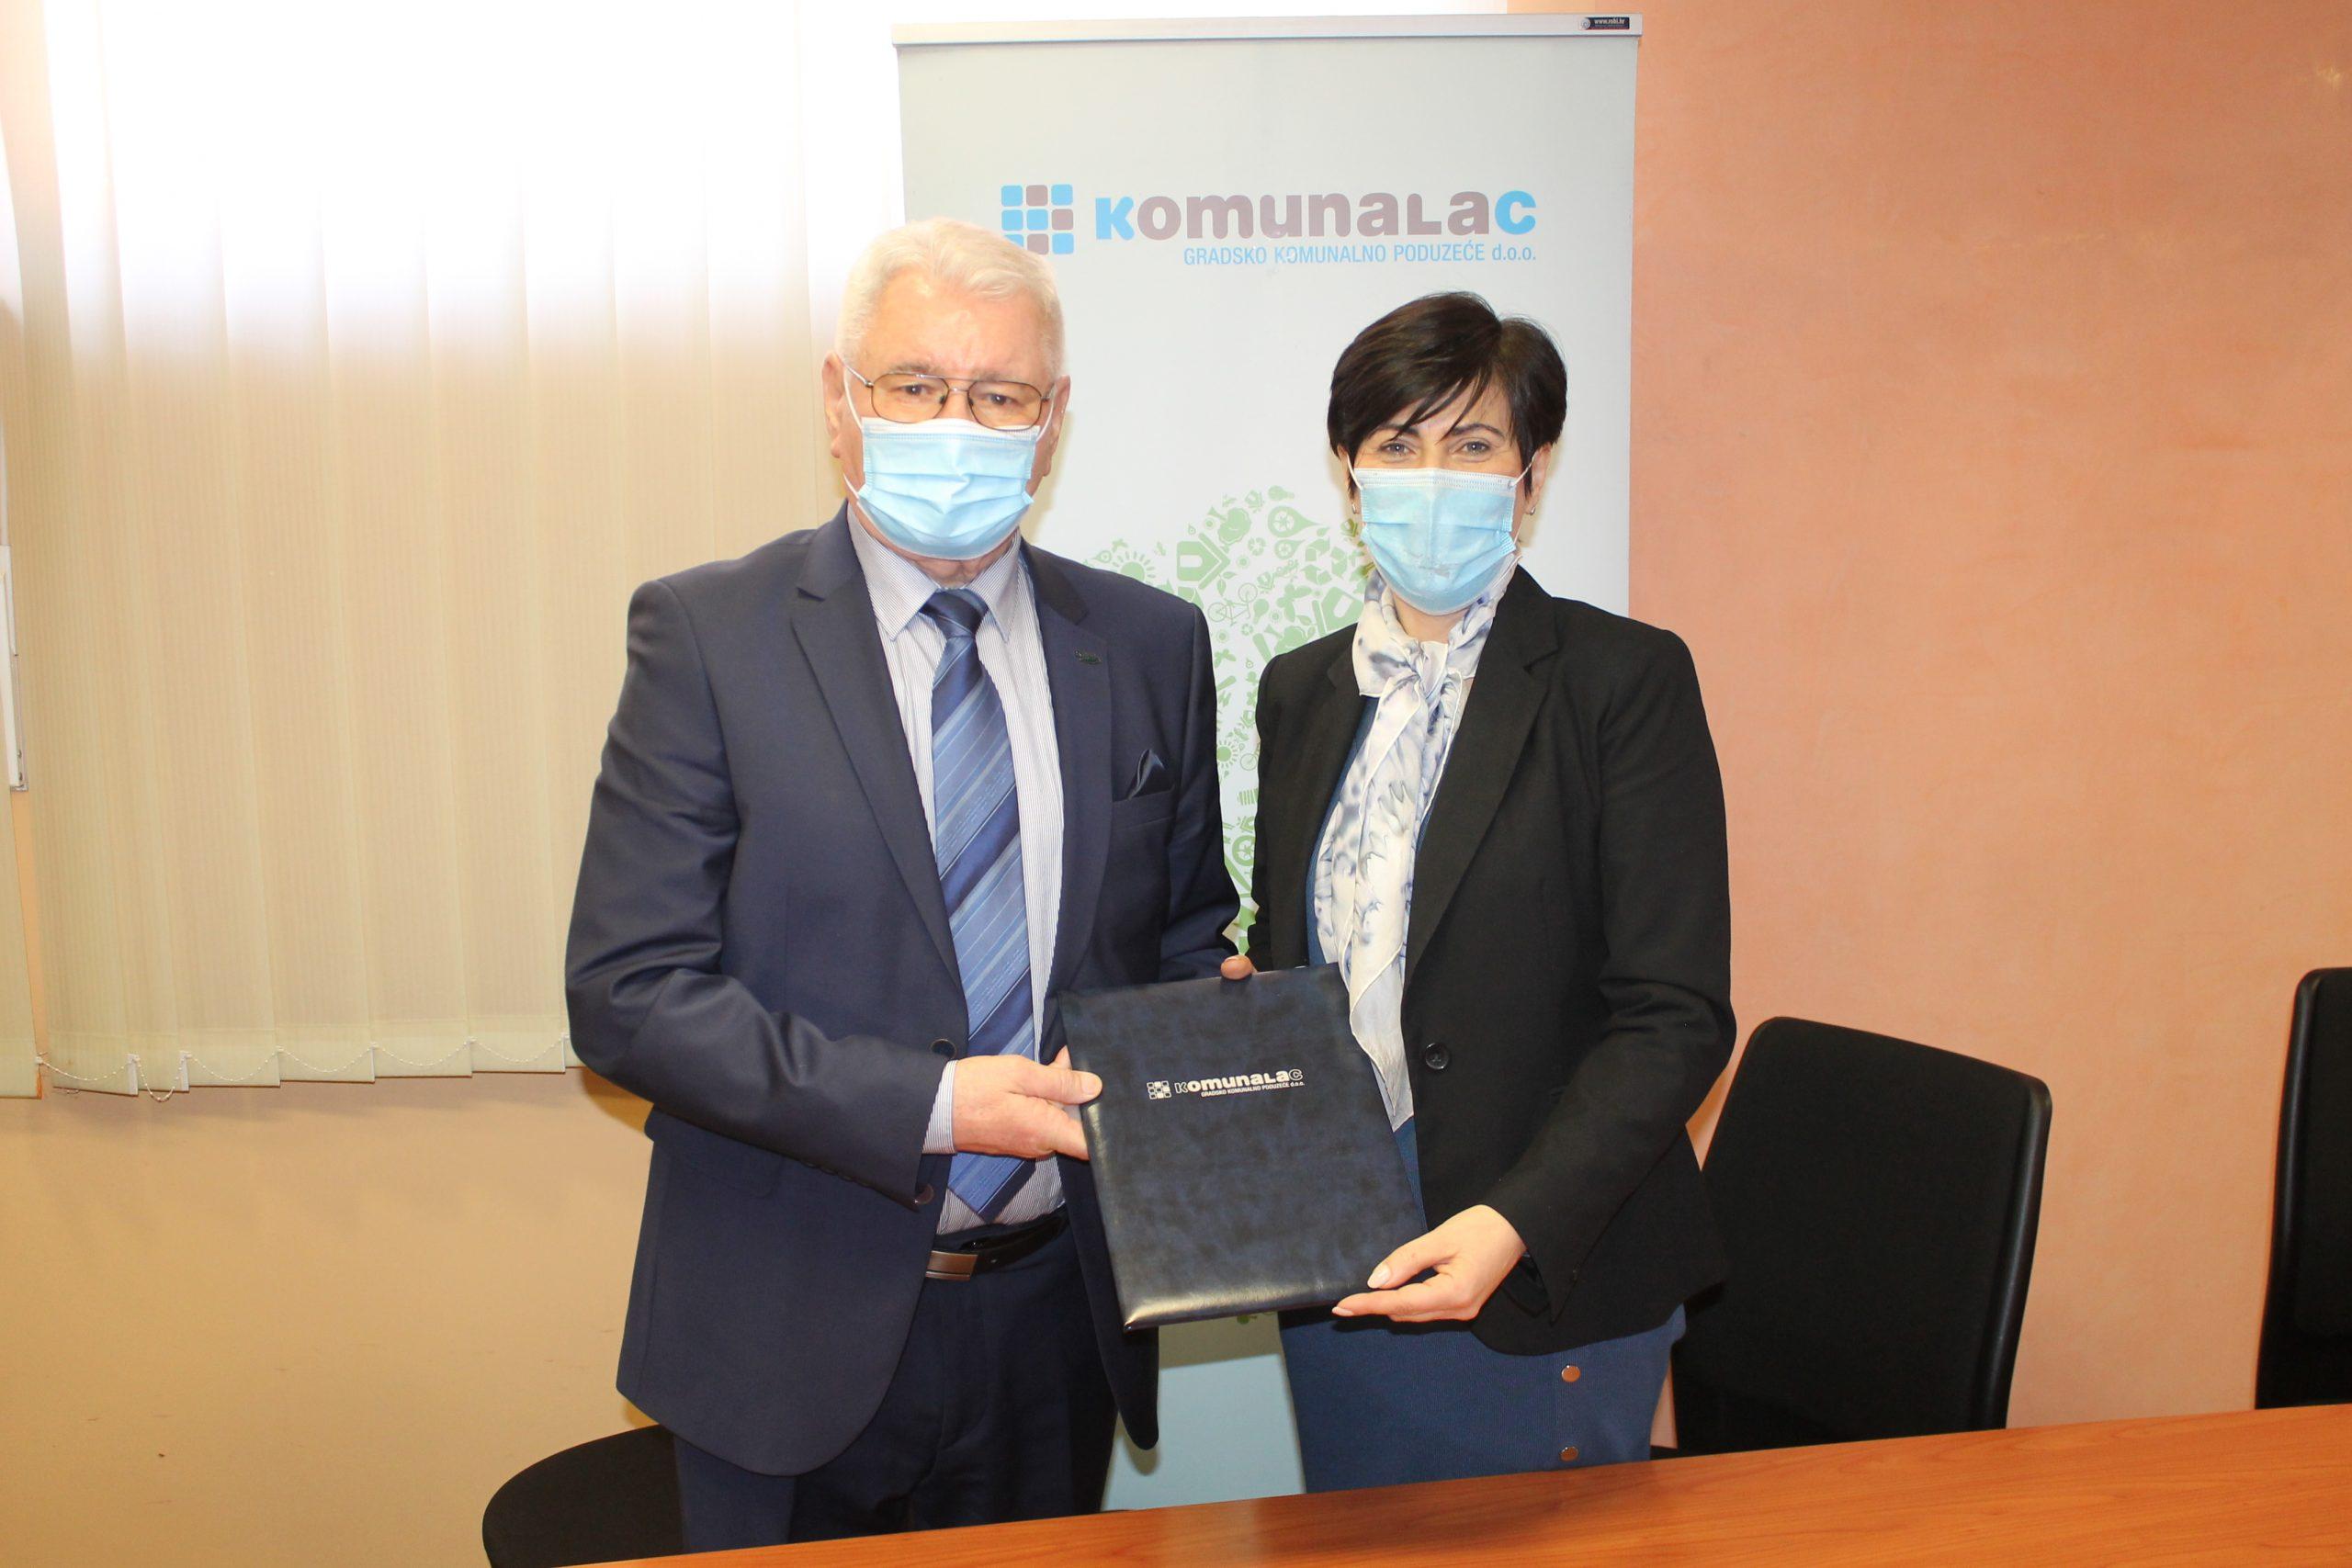 Potpisan ugovor za nabavu komunalnih vozila